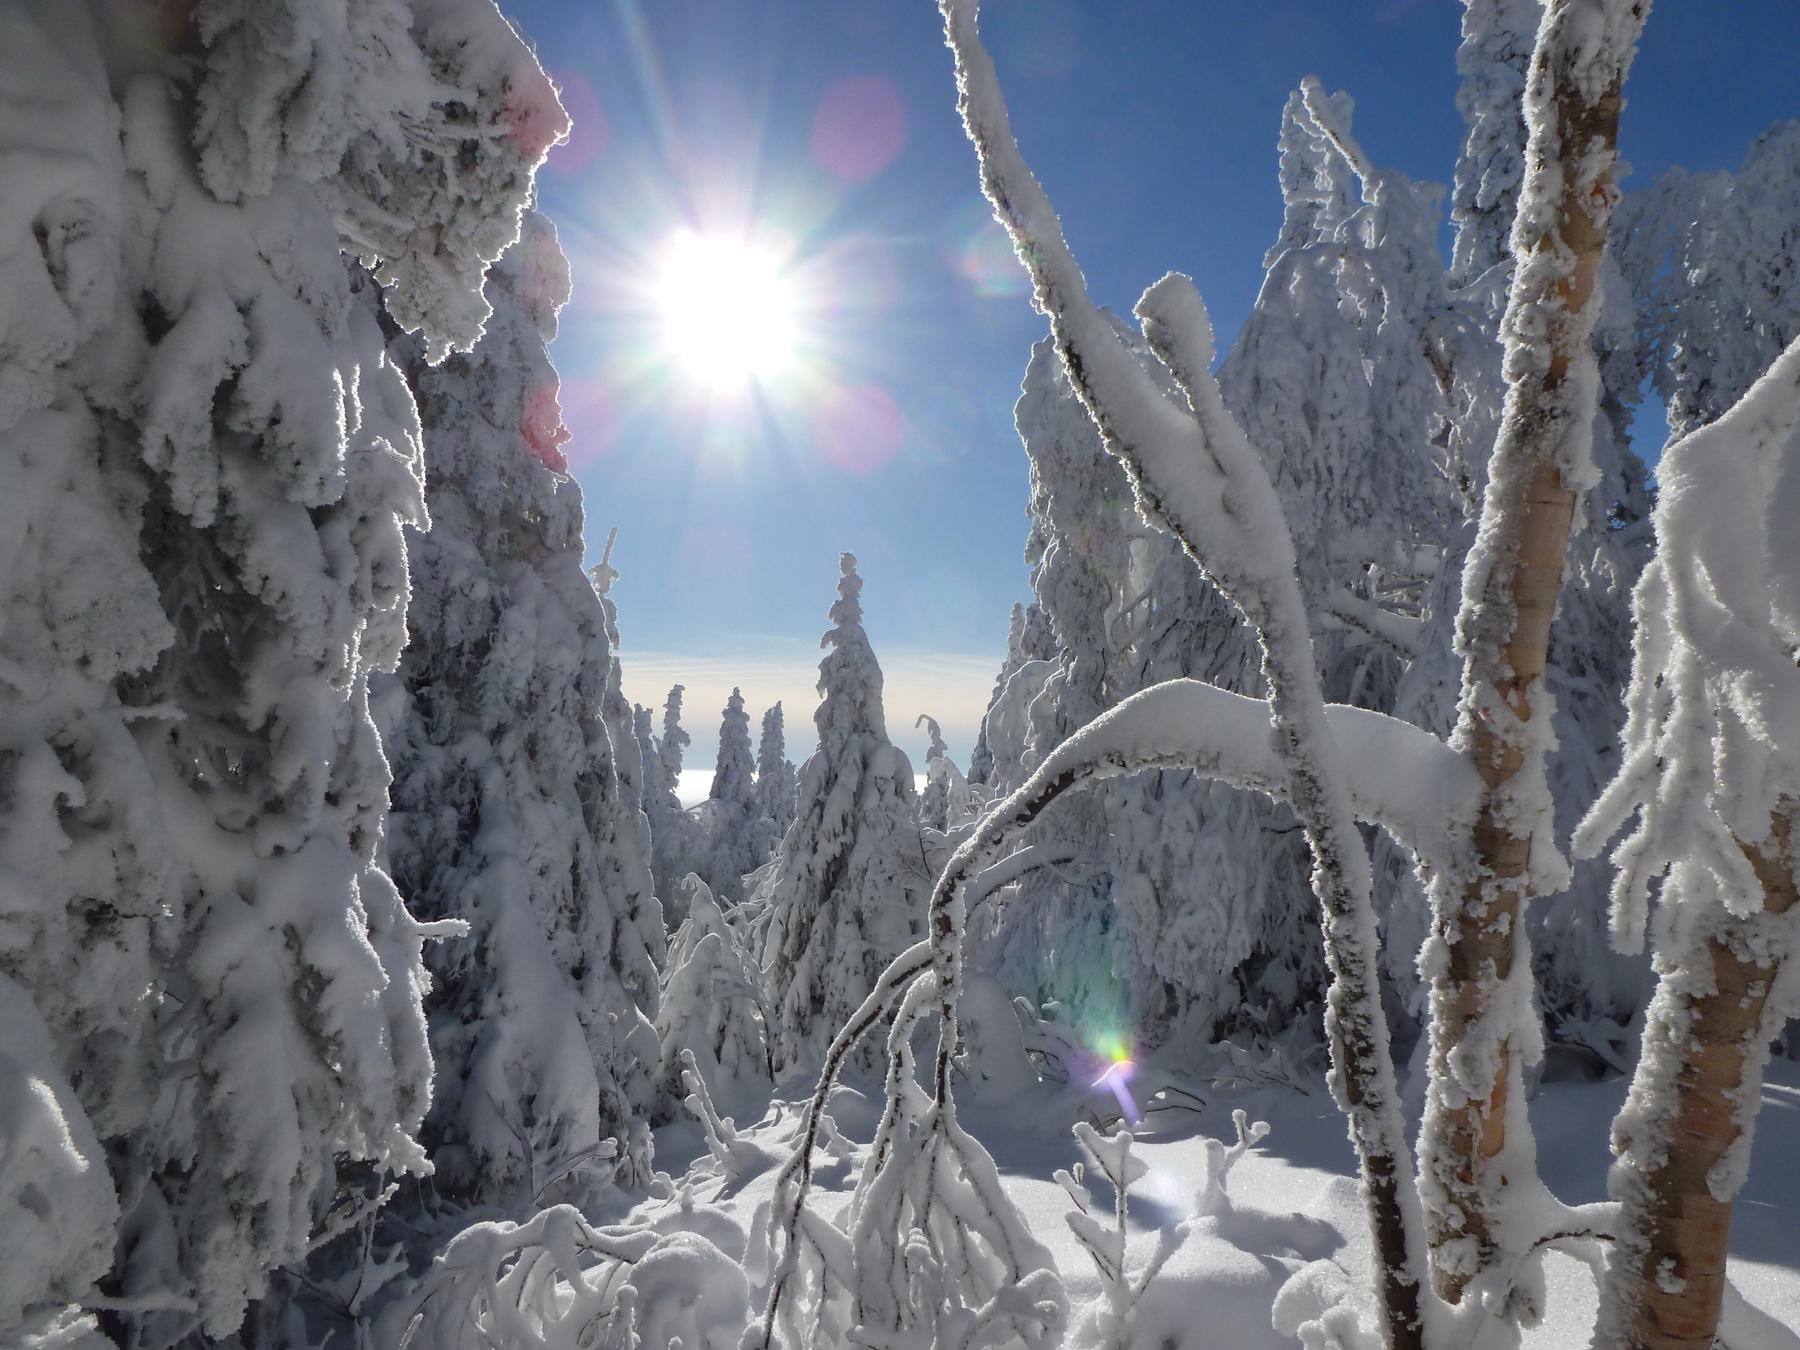 parc-montagne-du-diable-paysage-00170_1800x1350